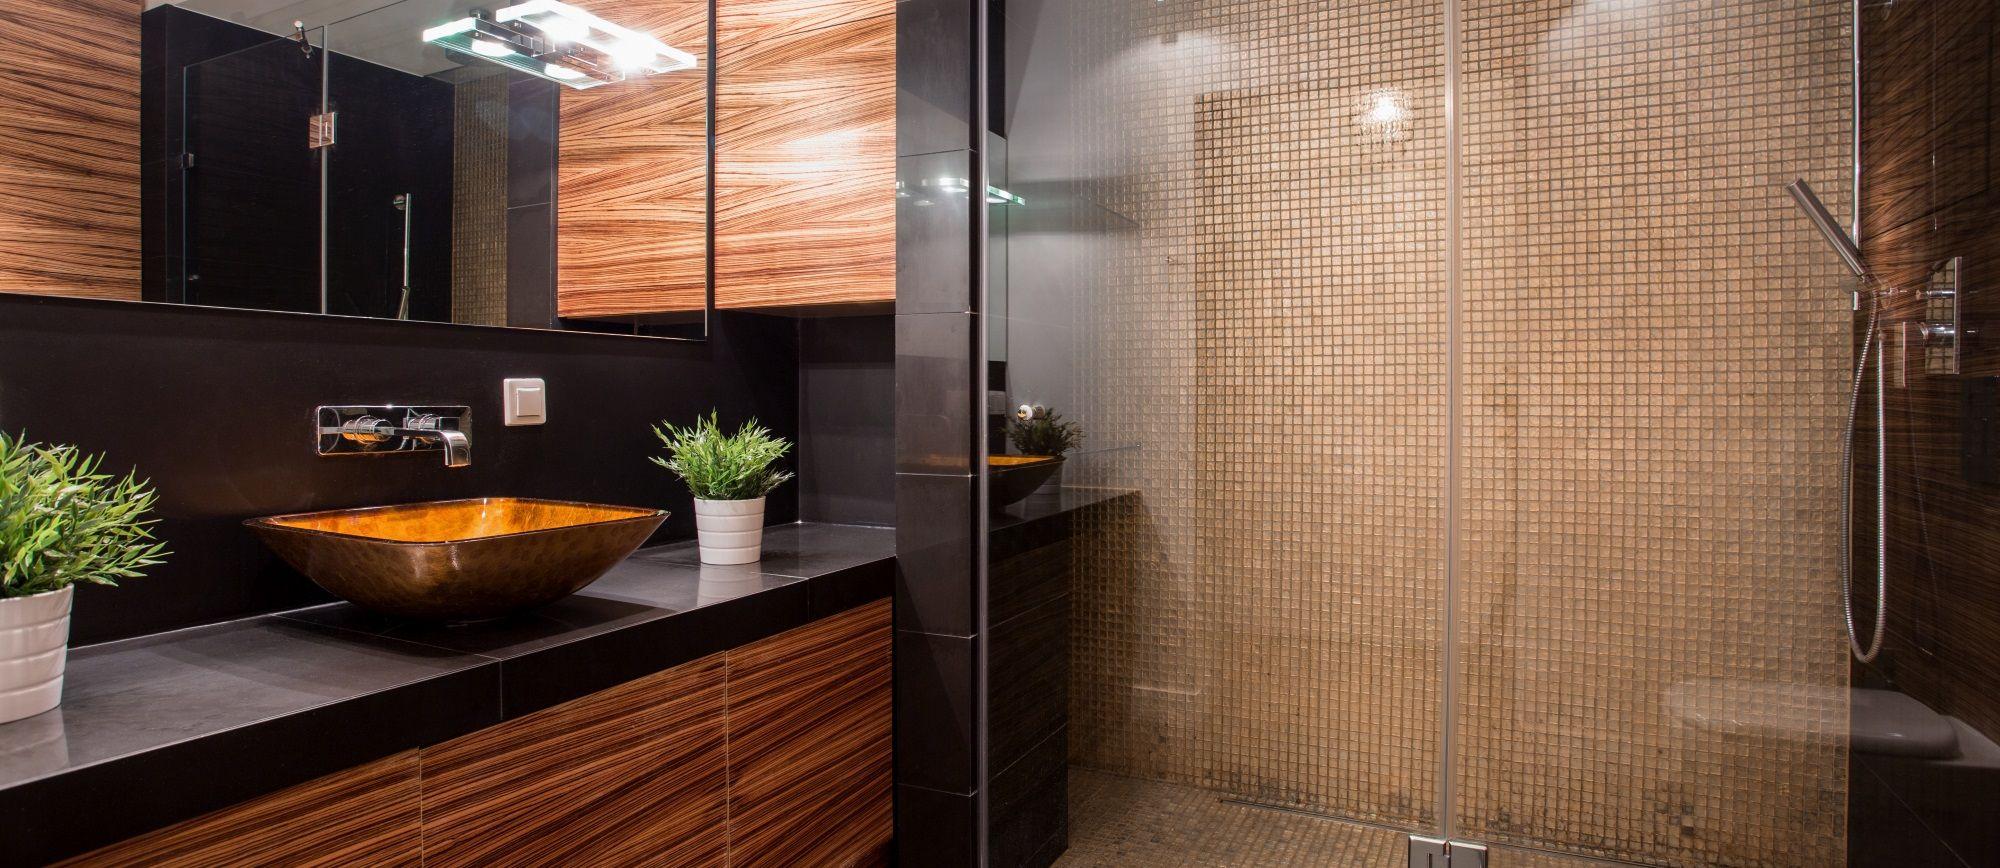 Badsanierung 1010 Wien